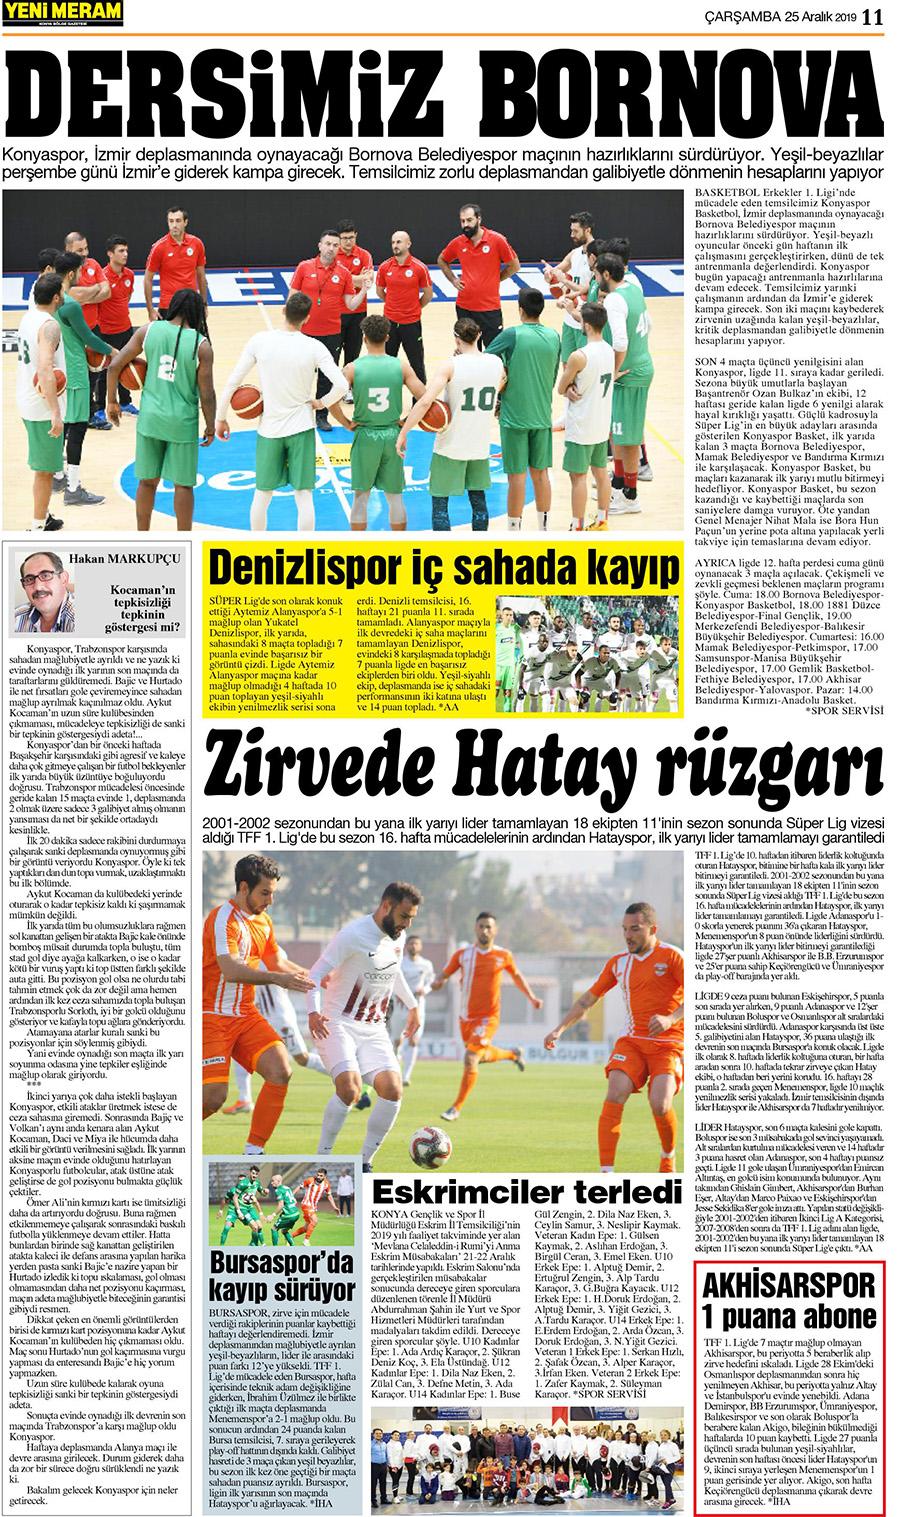 25 Aralık 2019 Yeni Meram Gazetesi